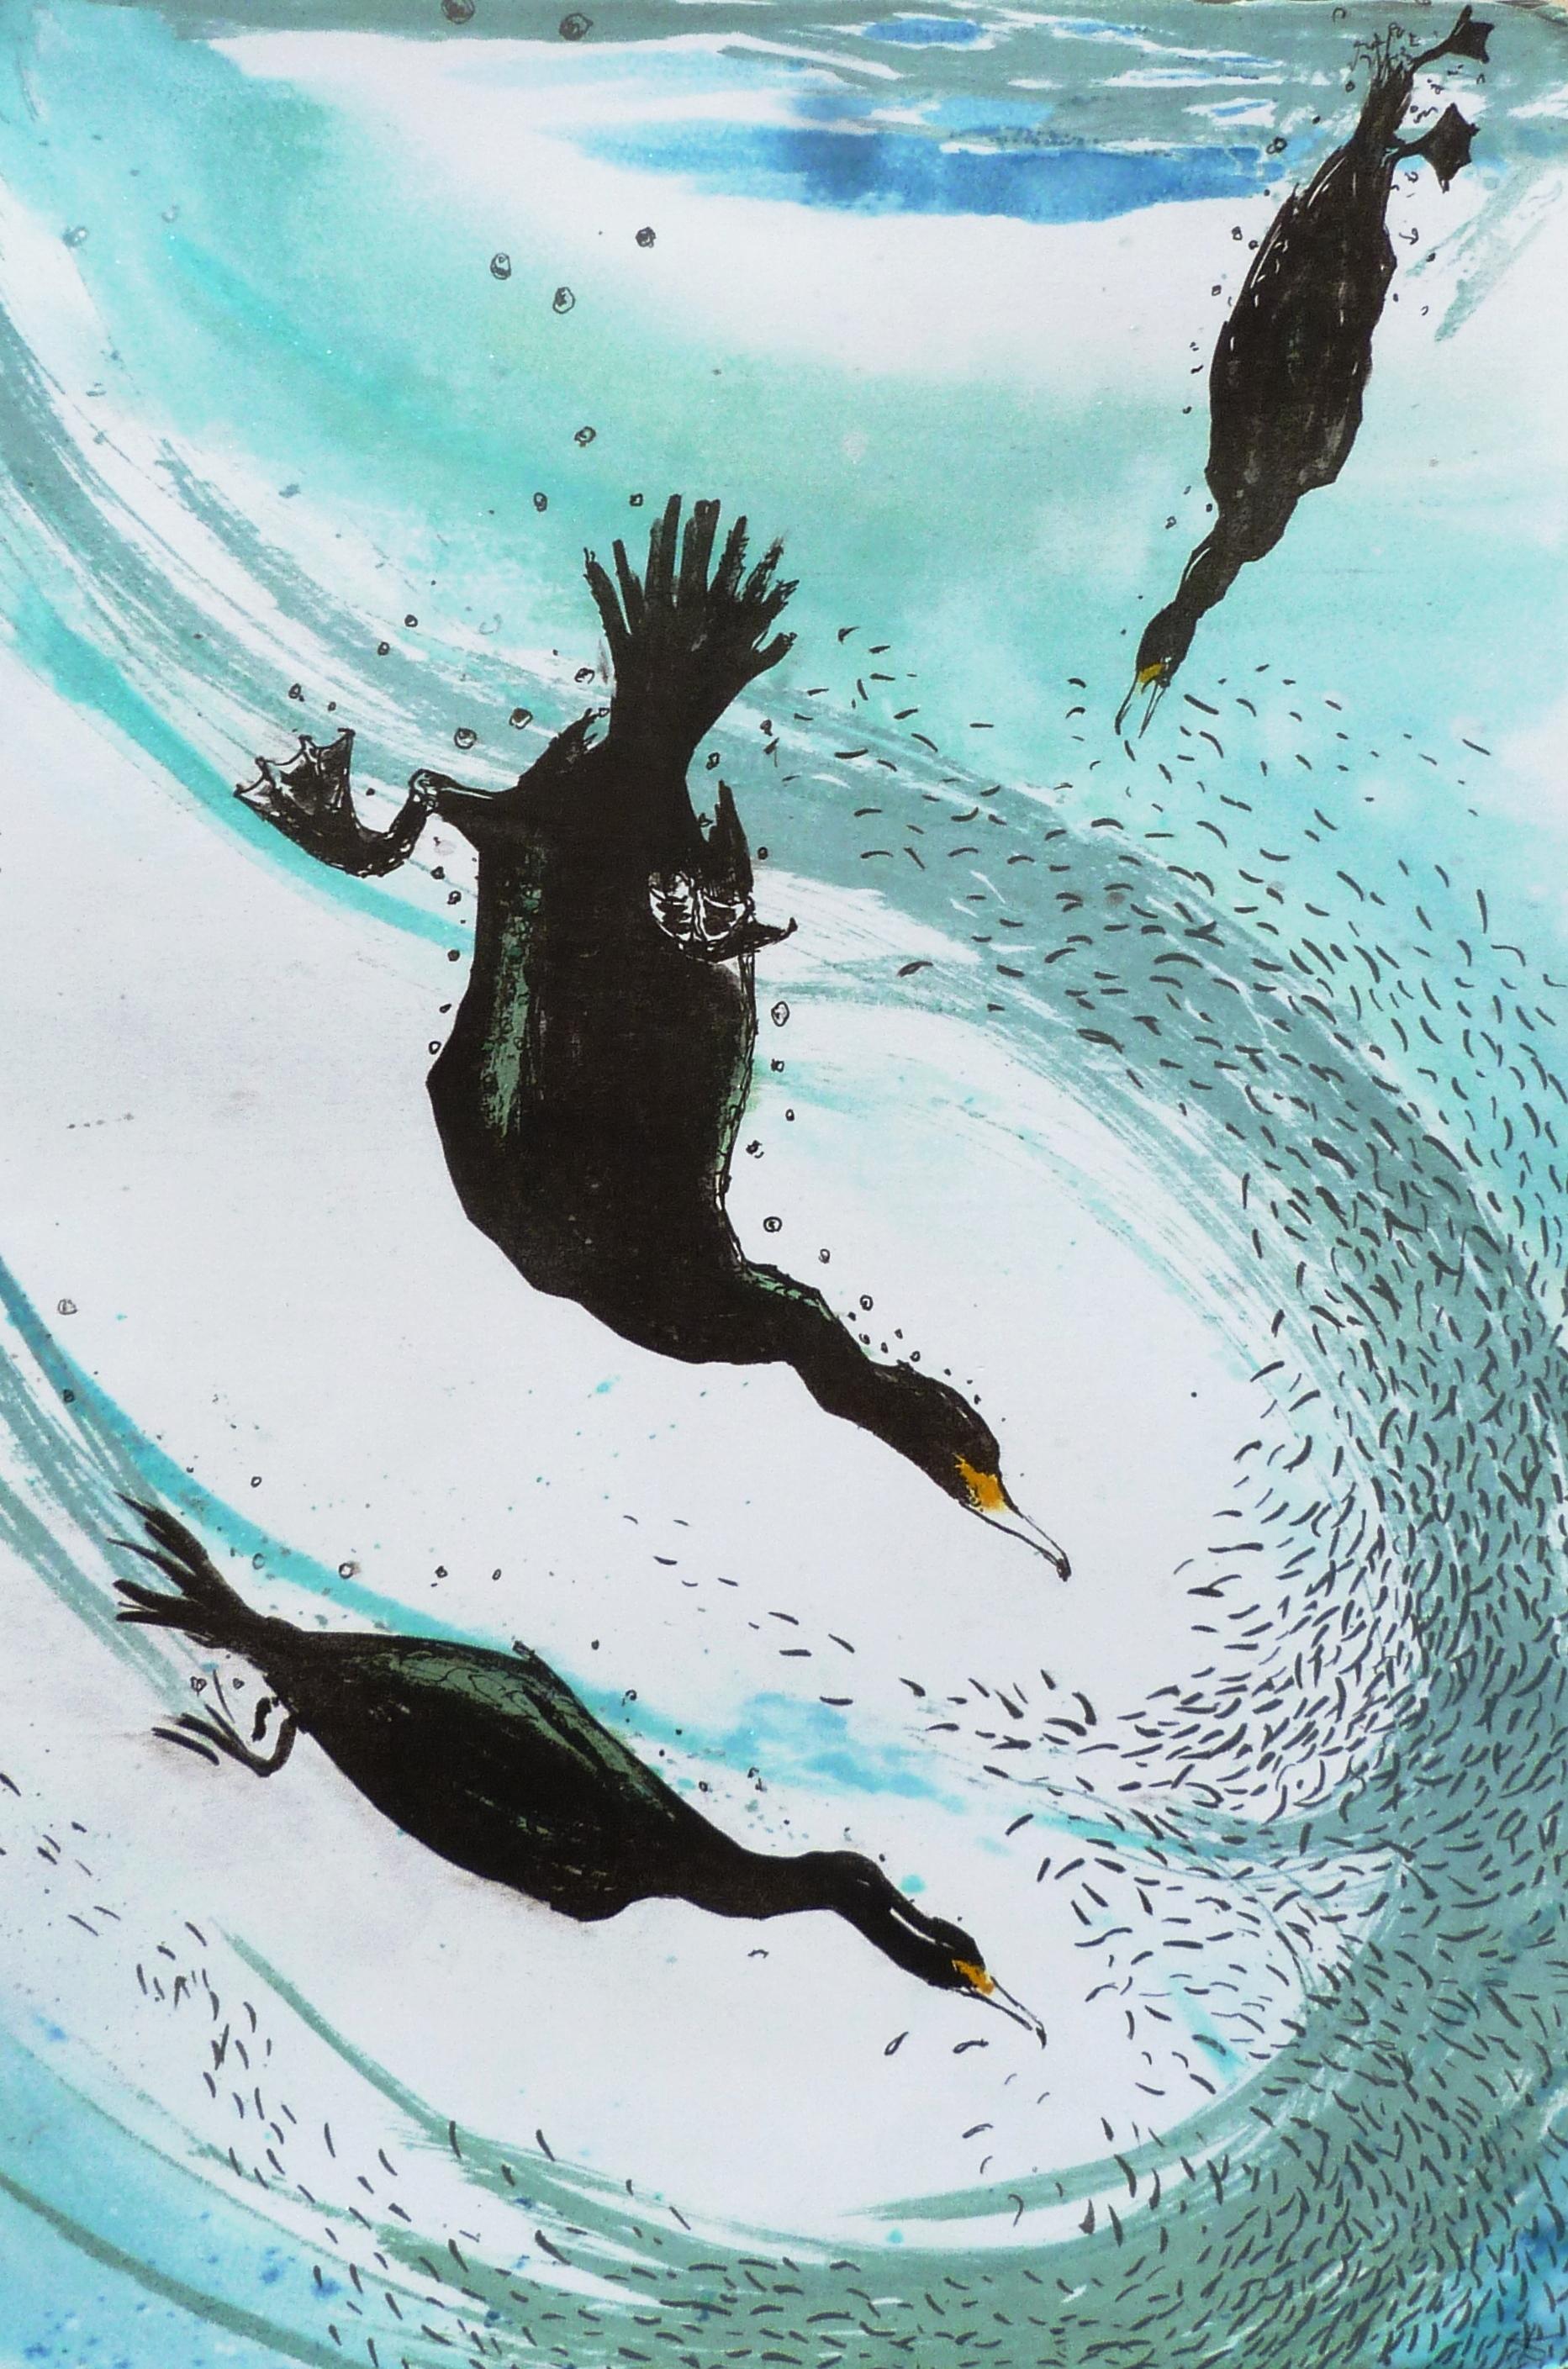 Diving birds, Mokulito print, 60 cm x 40 cm